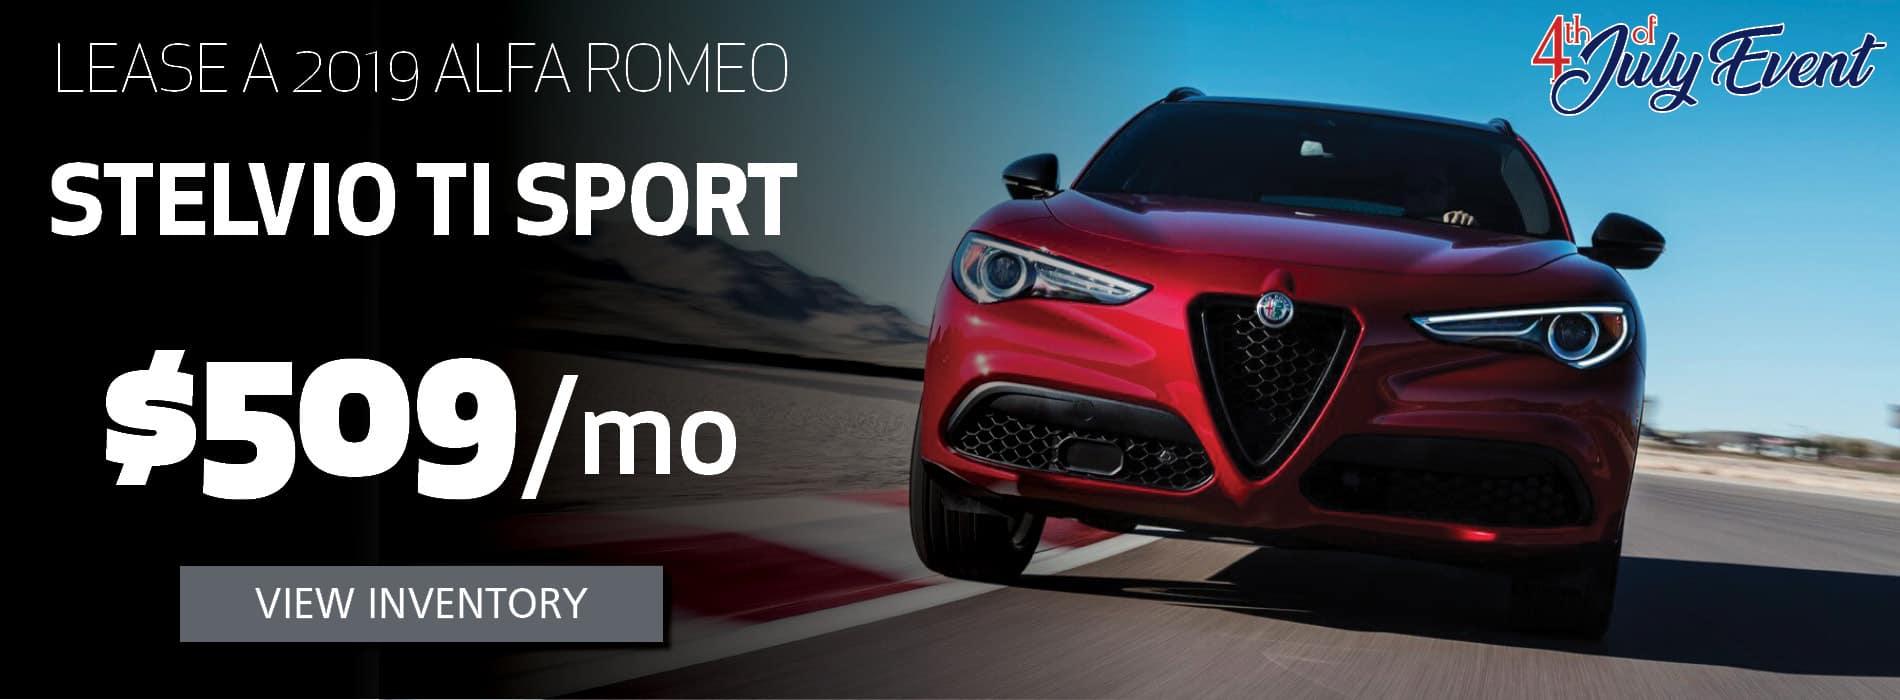 Alfa Romeo Arlington Stelvio